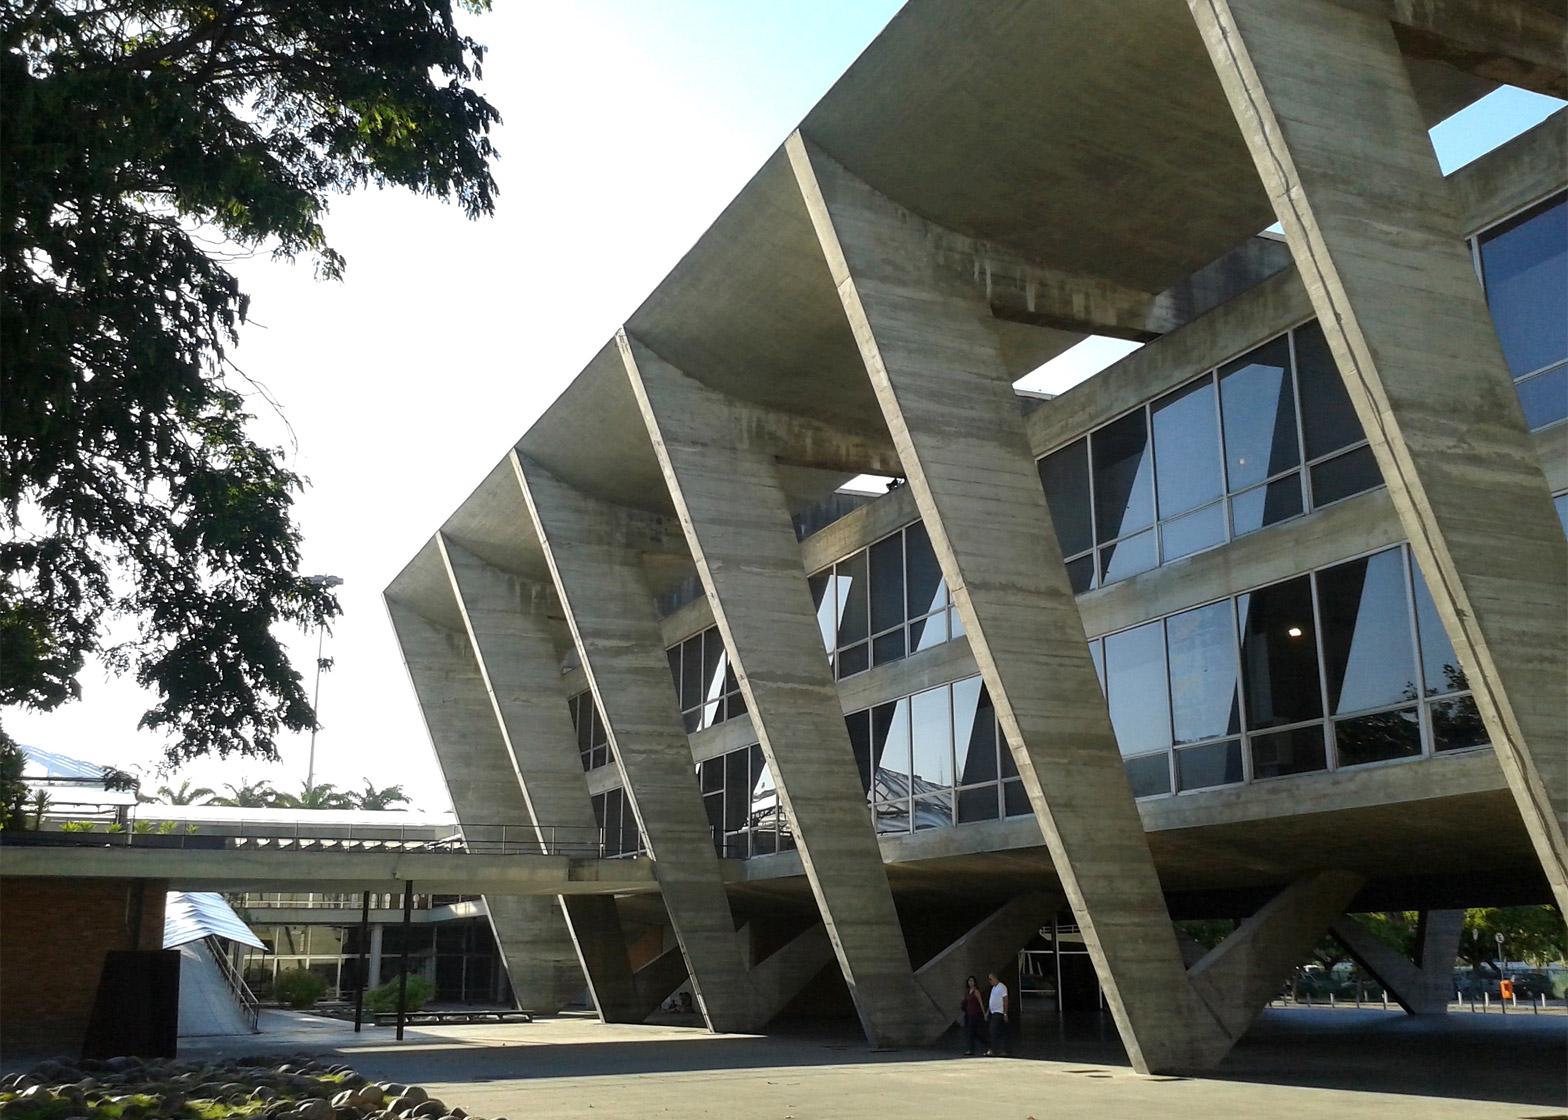 Museu de Arte Moderna by Affonzo Eduardo Reidy, 1955